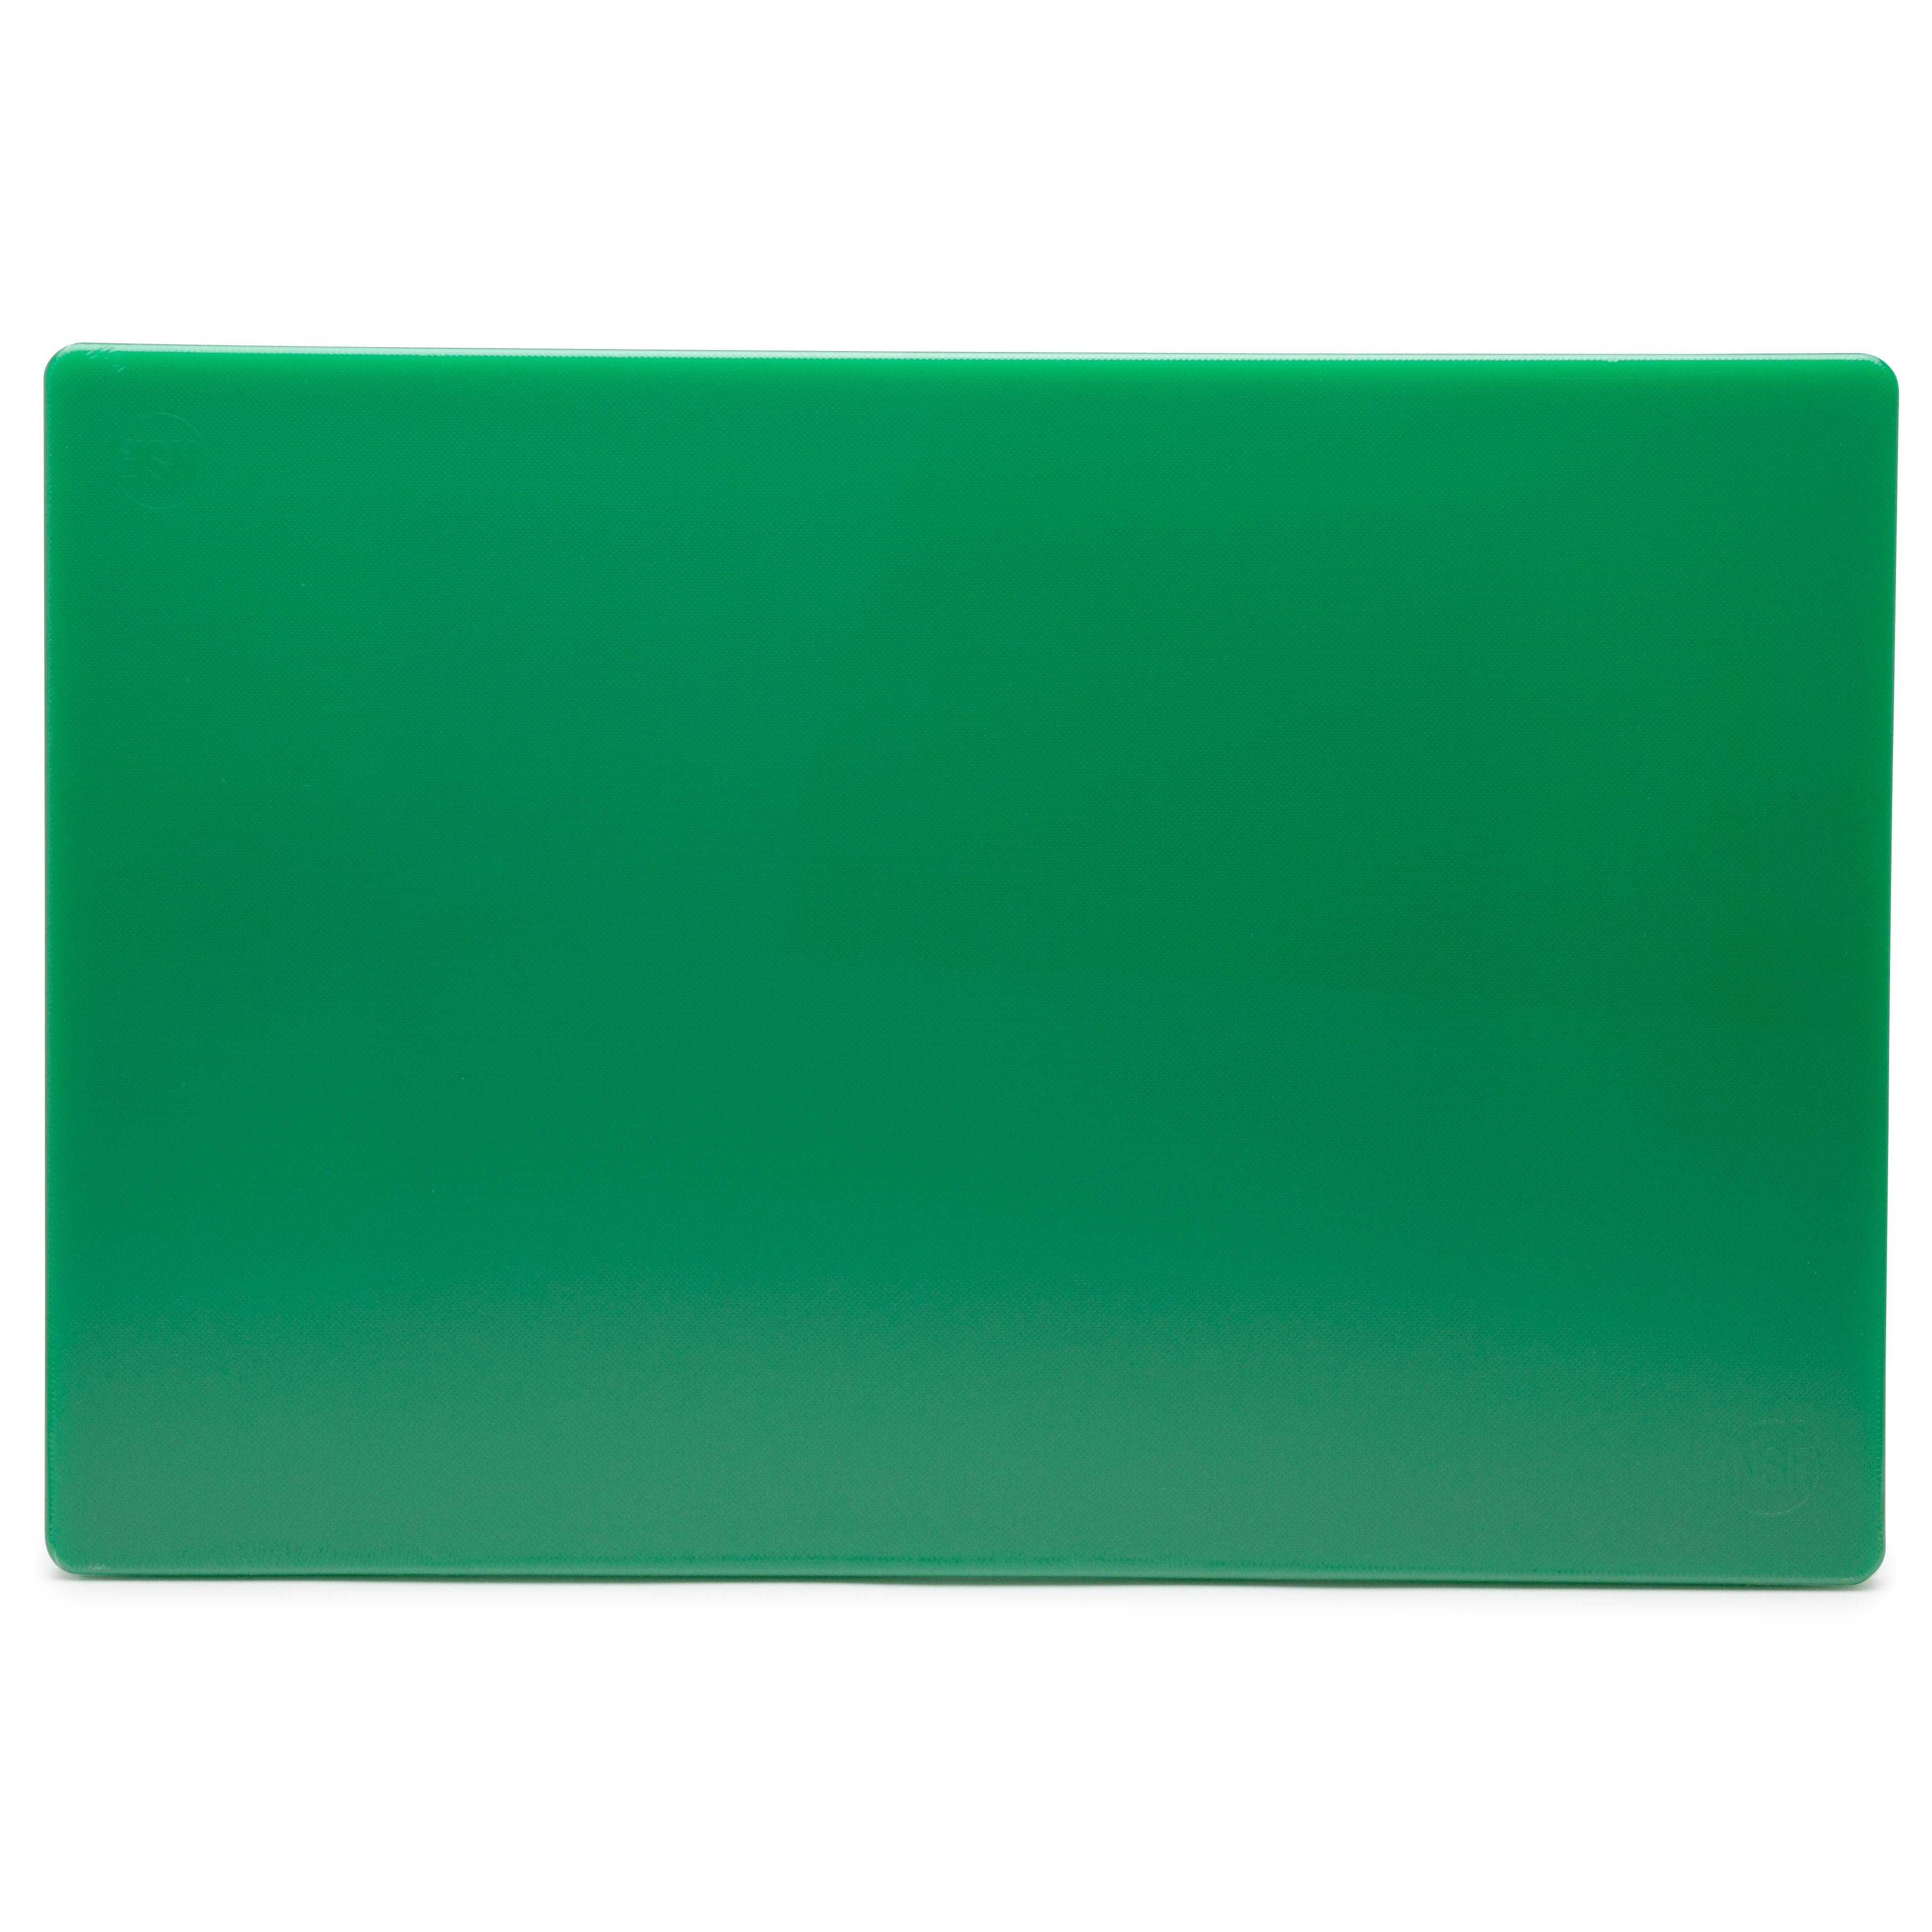 Royal Industries ROY CB 1520 G cutting board, plastic